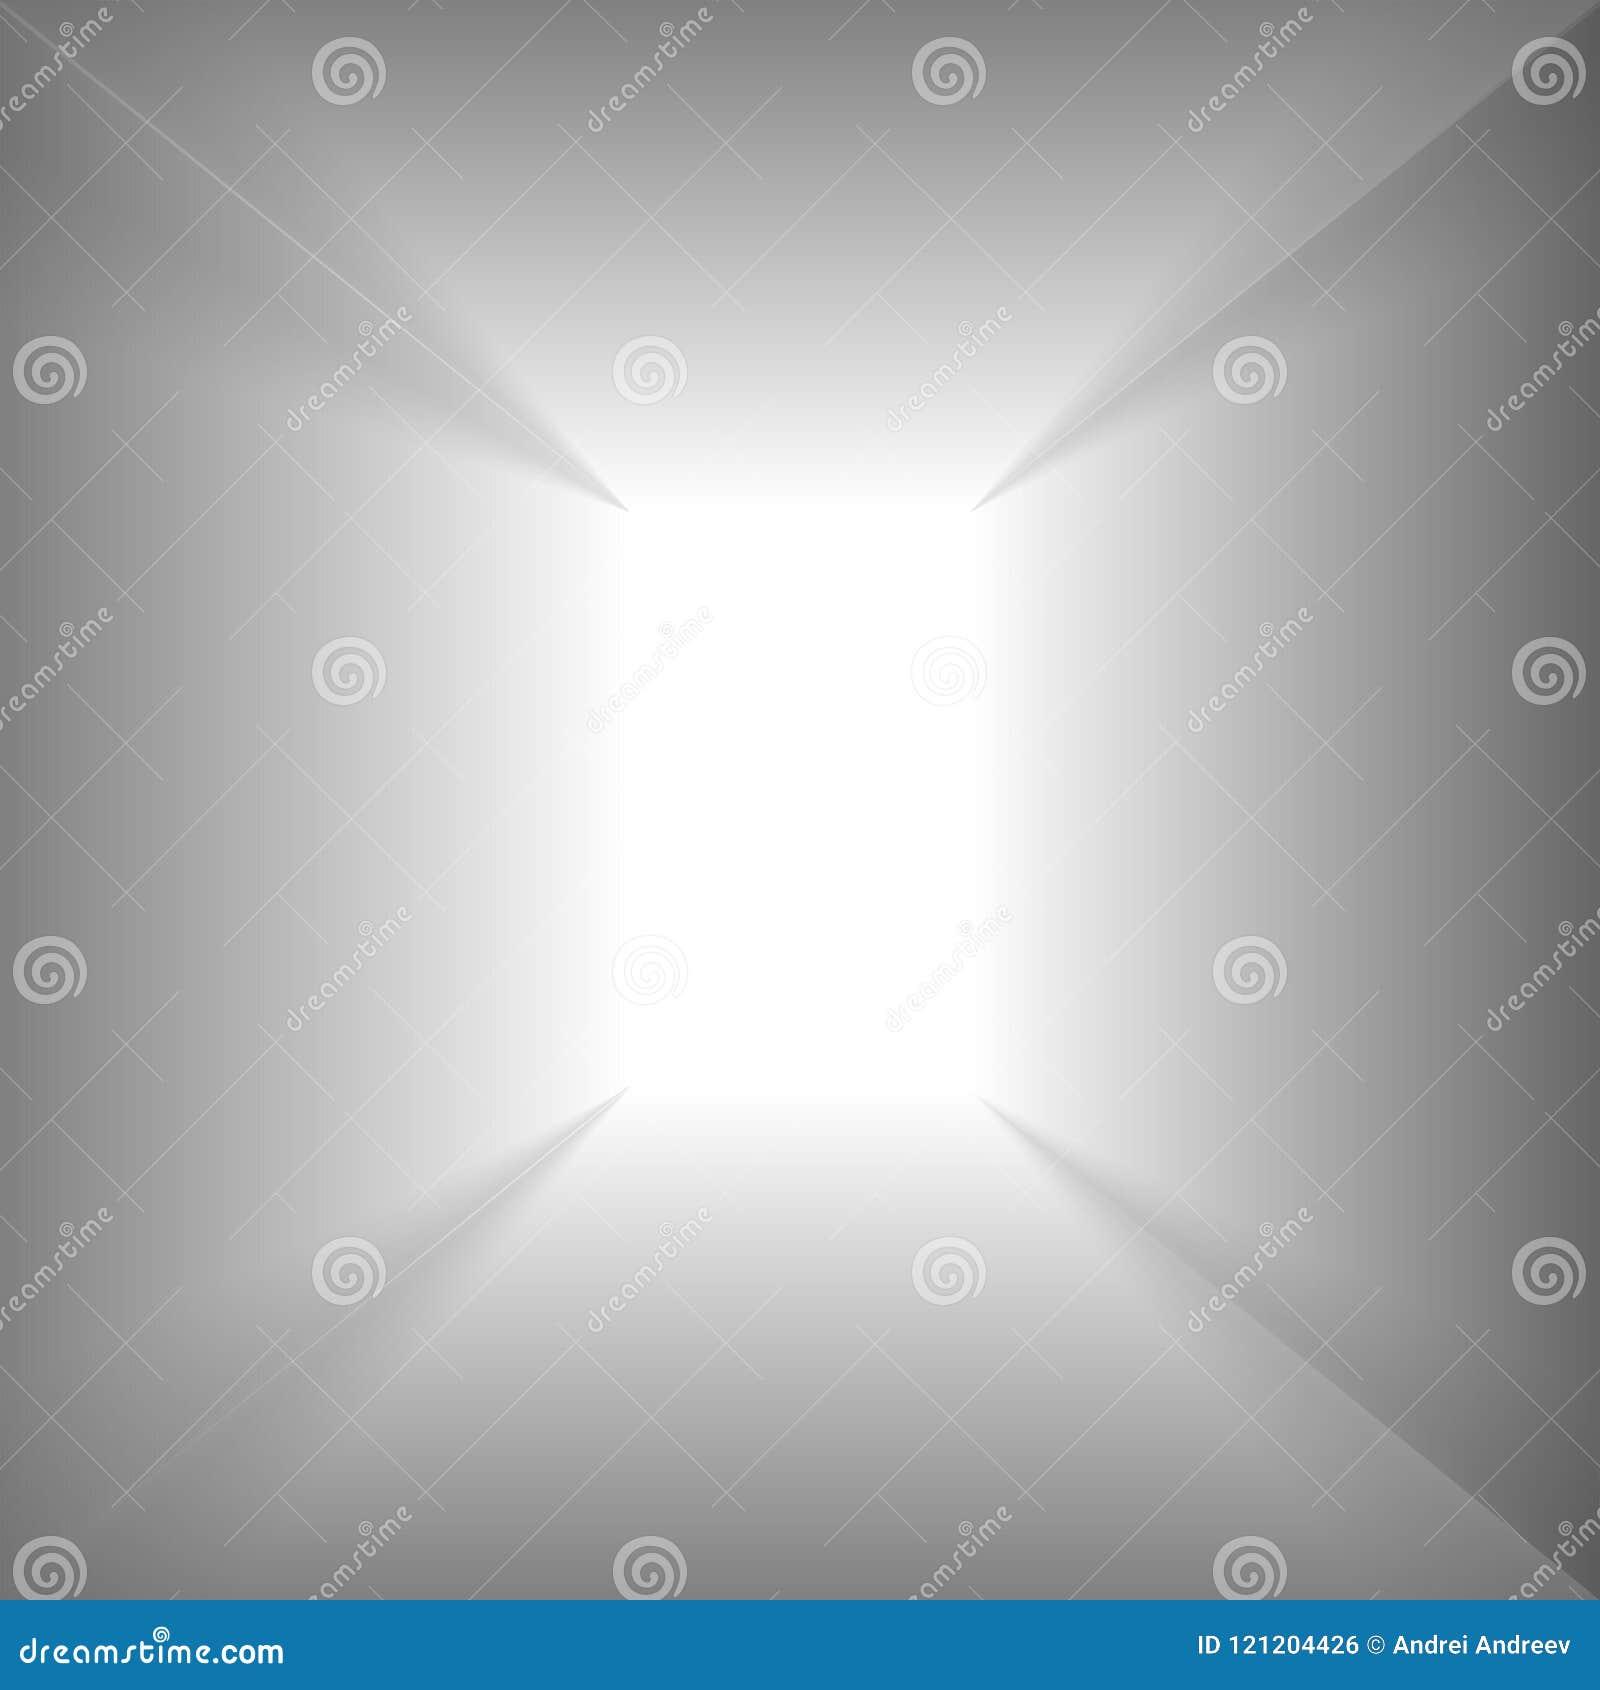 Chiara stanza bianca al bello nuovo mondo mistico